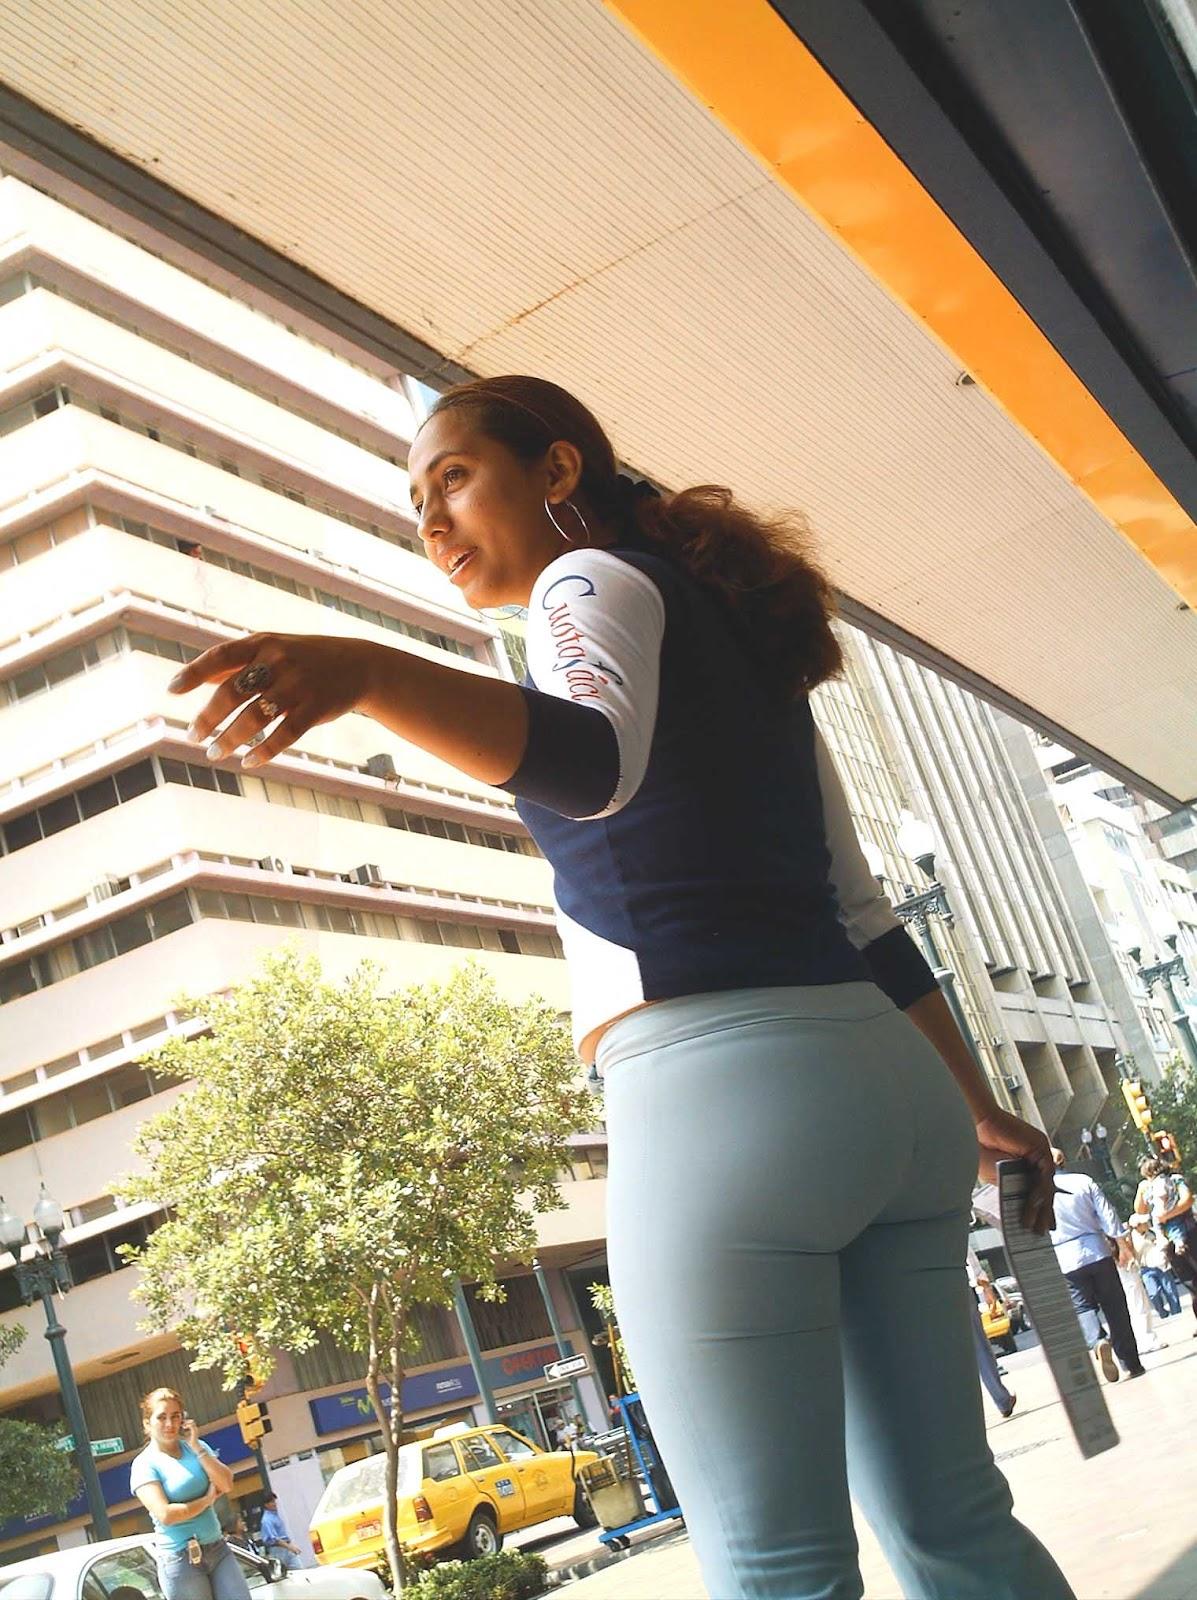 buscandoenlacallecolas: Culo en Jeans